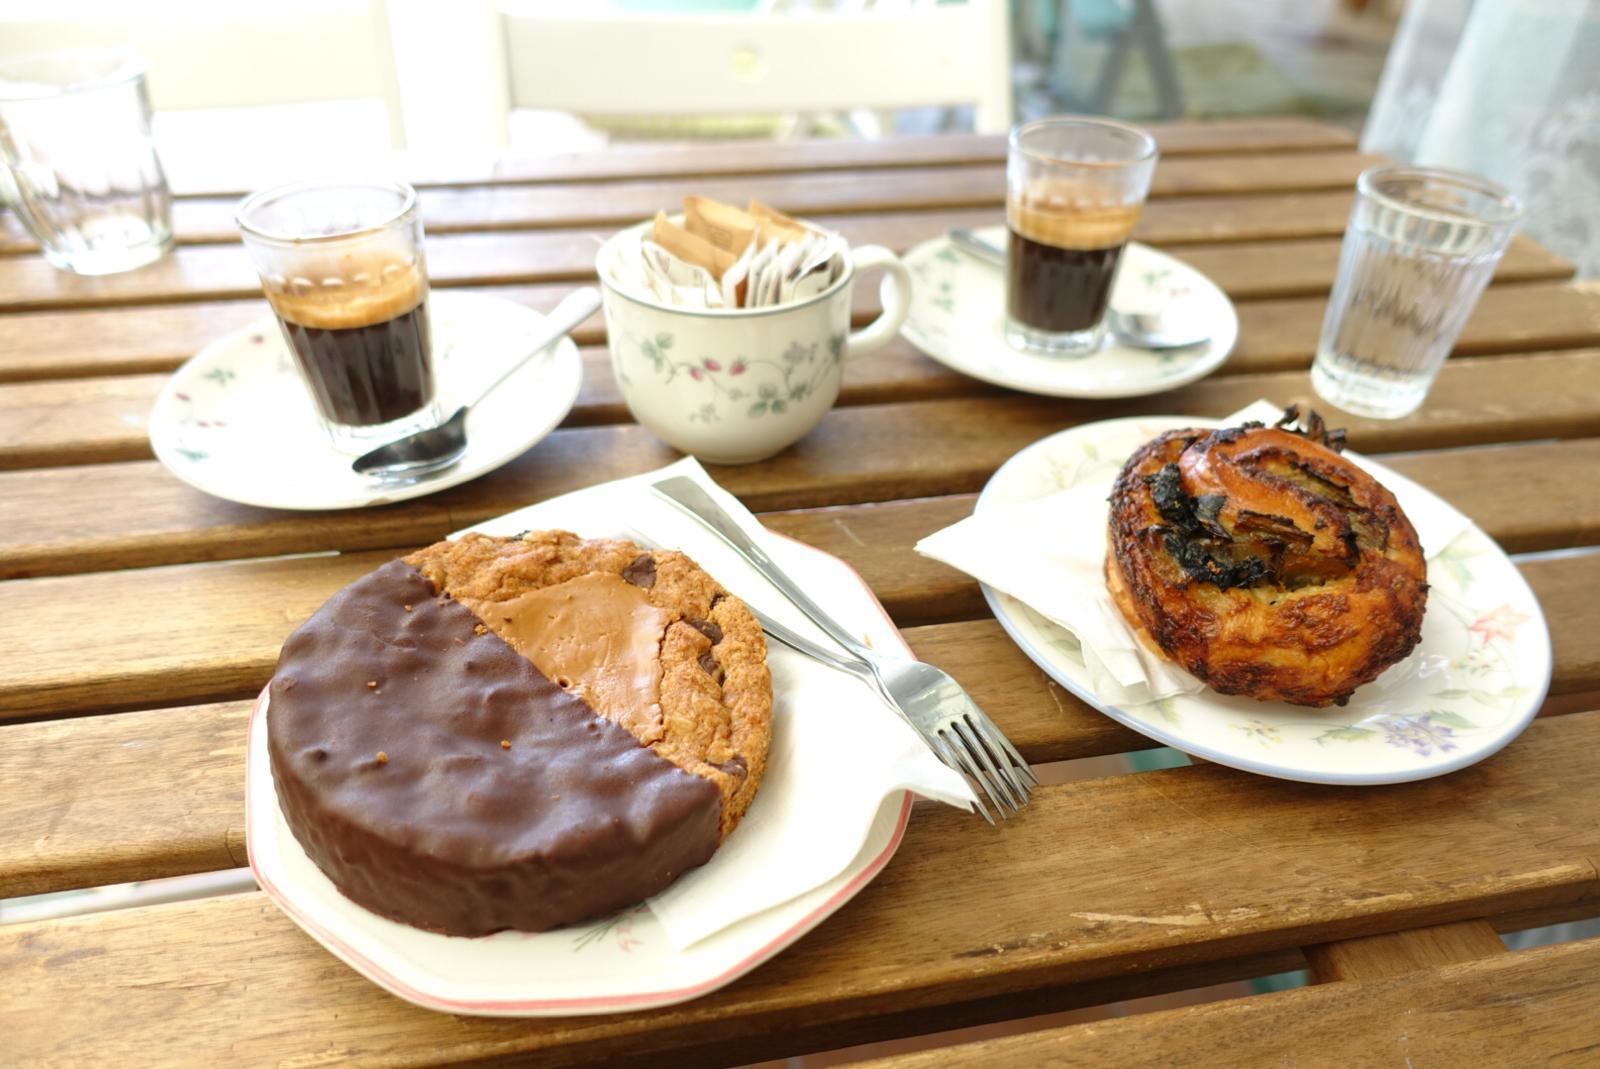 המסעדות הטובות ביותר ב טבעון, רמת ישי ועמק יזרעאל - אווה ובתיה